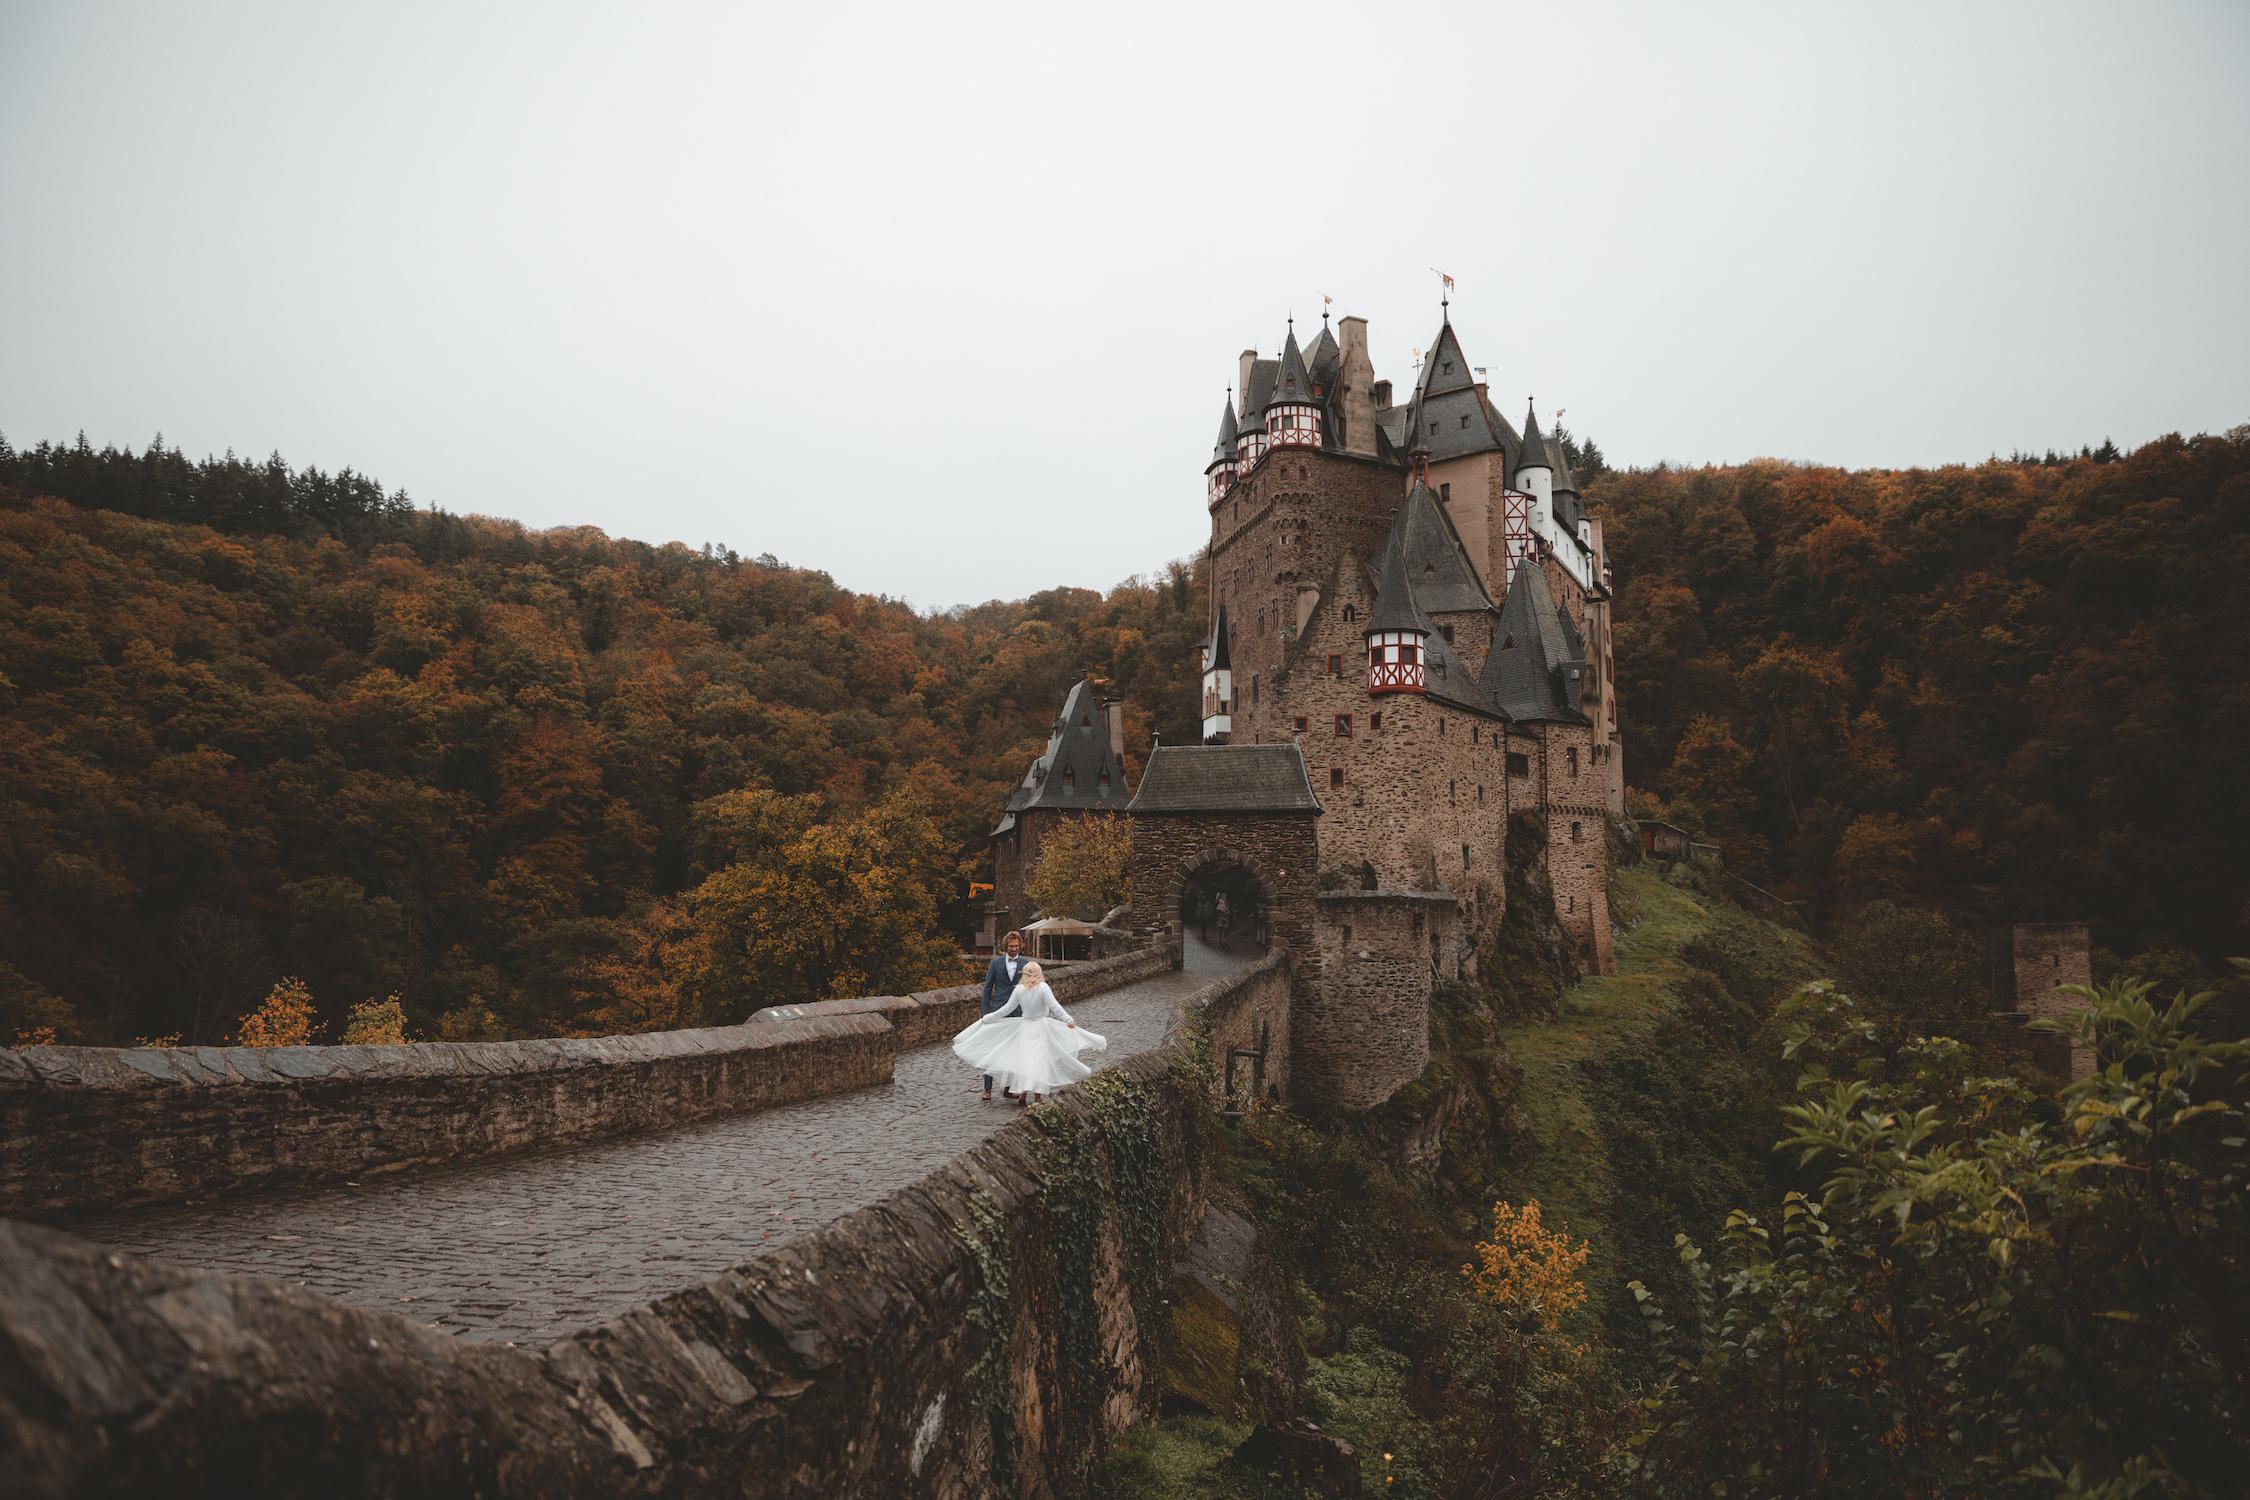 noni Brautmode Herbsthochzeit auf Burg Eltz von Influencerin beautelicieuse, Brautkleid mit Pullover, Spitzentop und Tüllrock